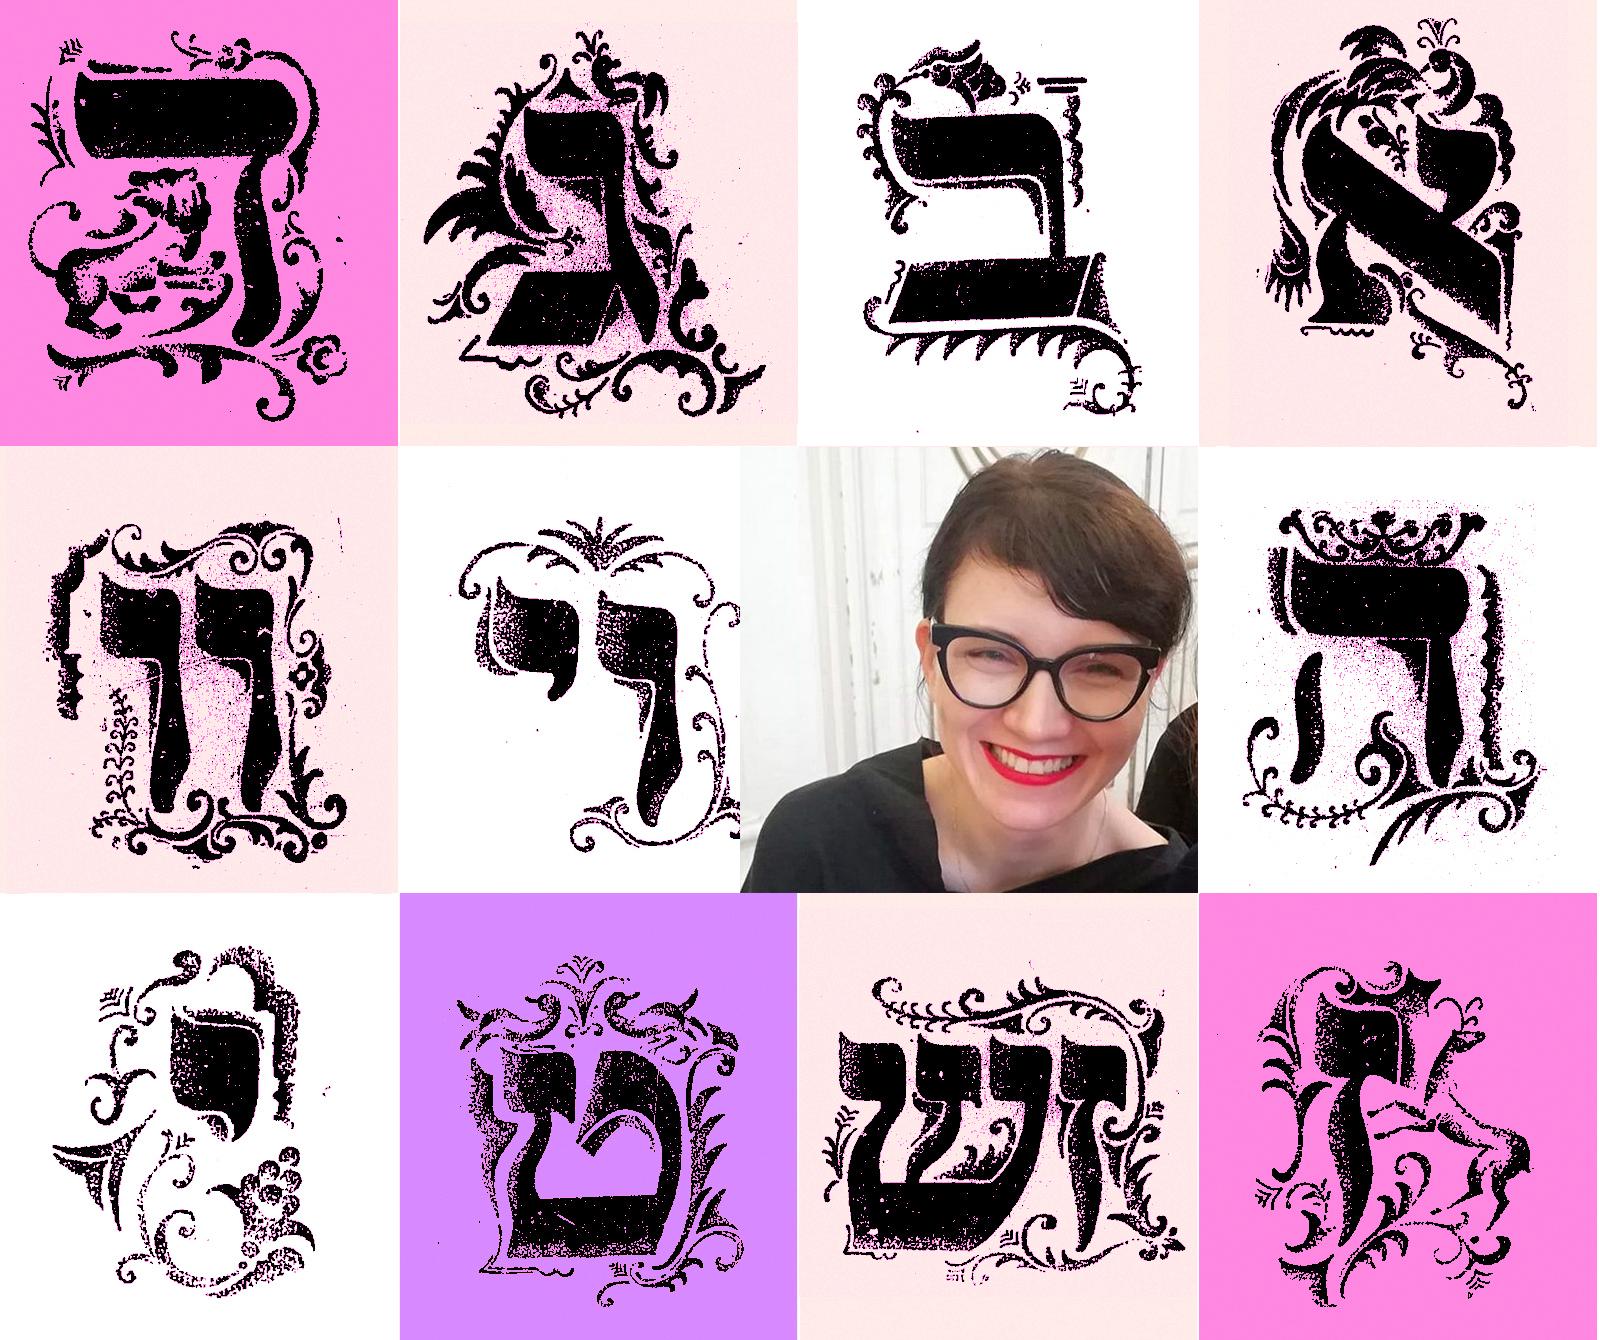 Yiddish intensif pour débutants, avec Karolina Szymaniak